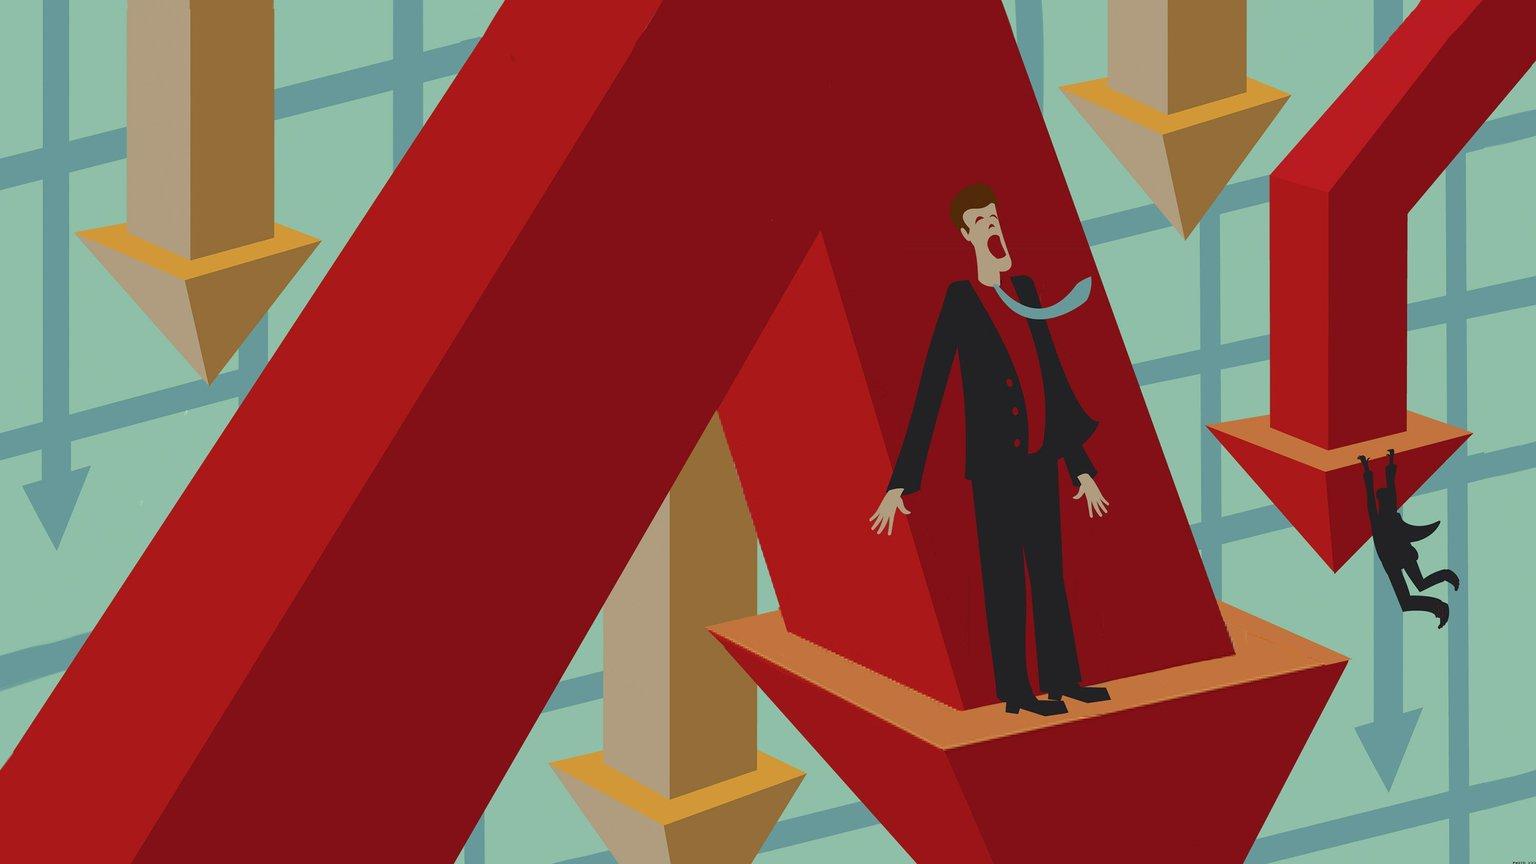 Borsa, i 3 errori più stupidi (che non ti faranno mai diventare miliardario)